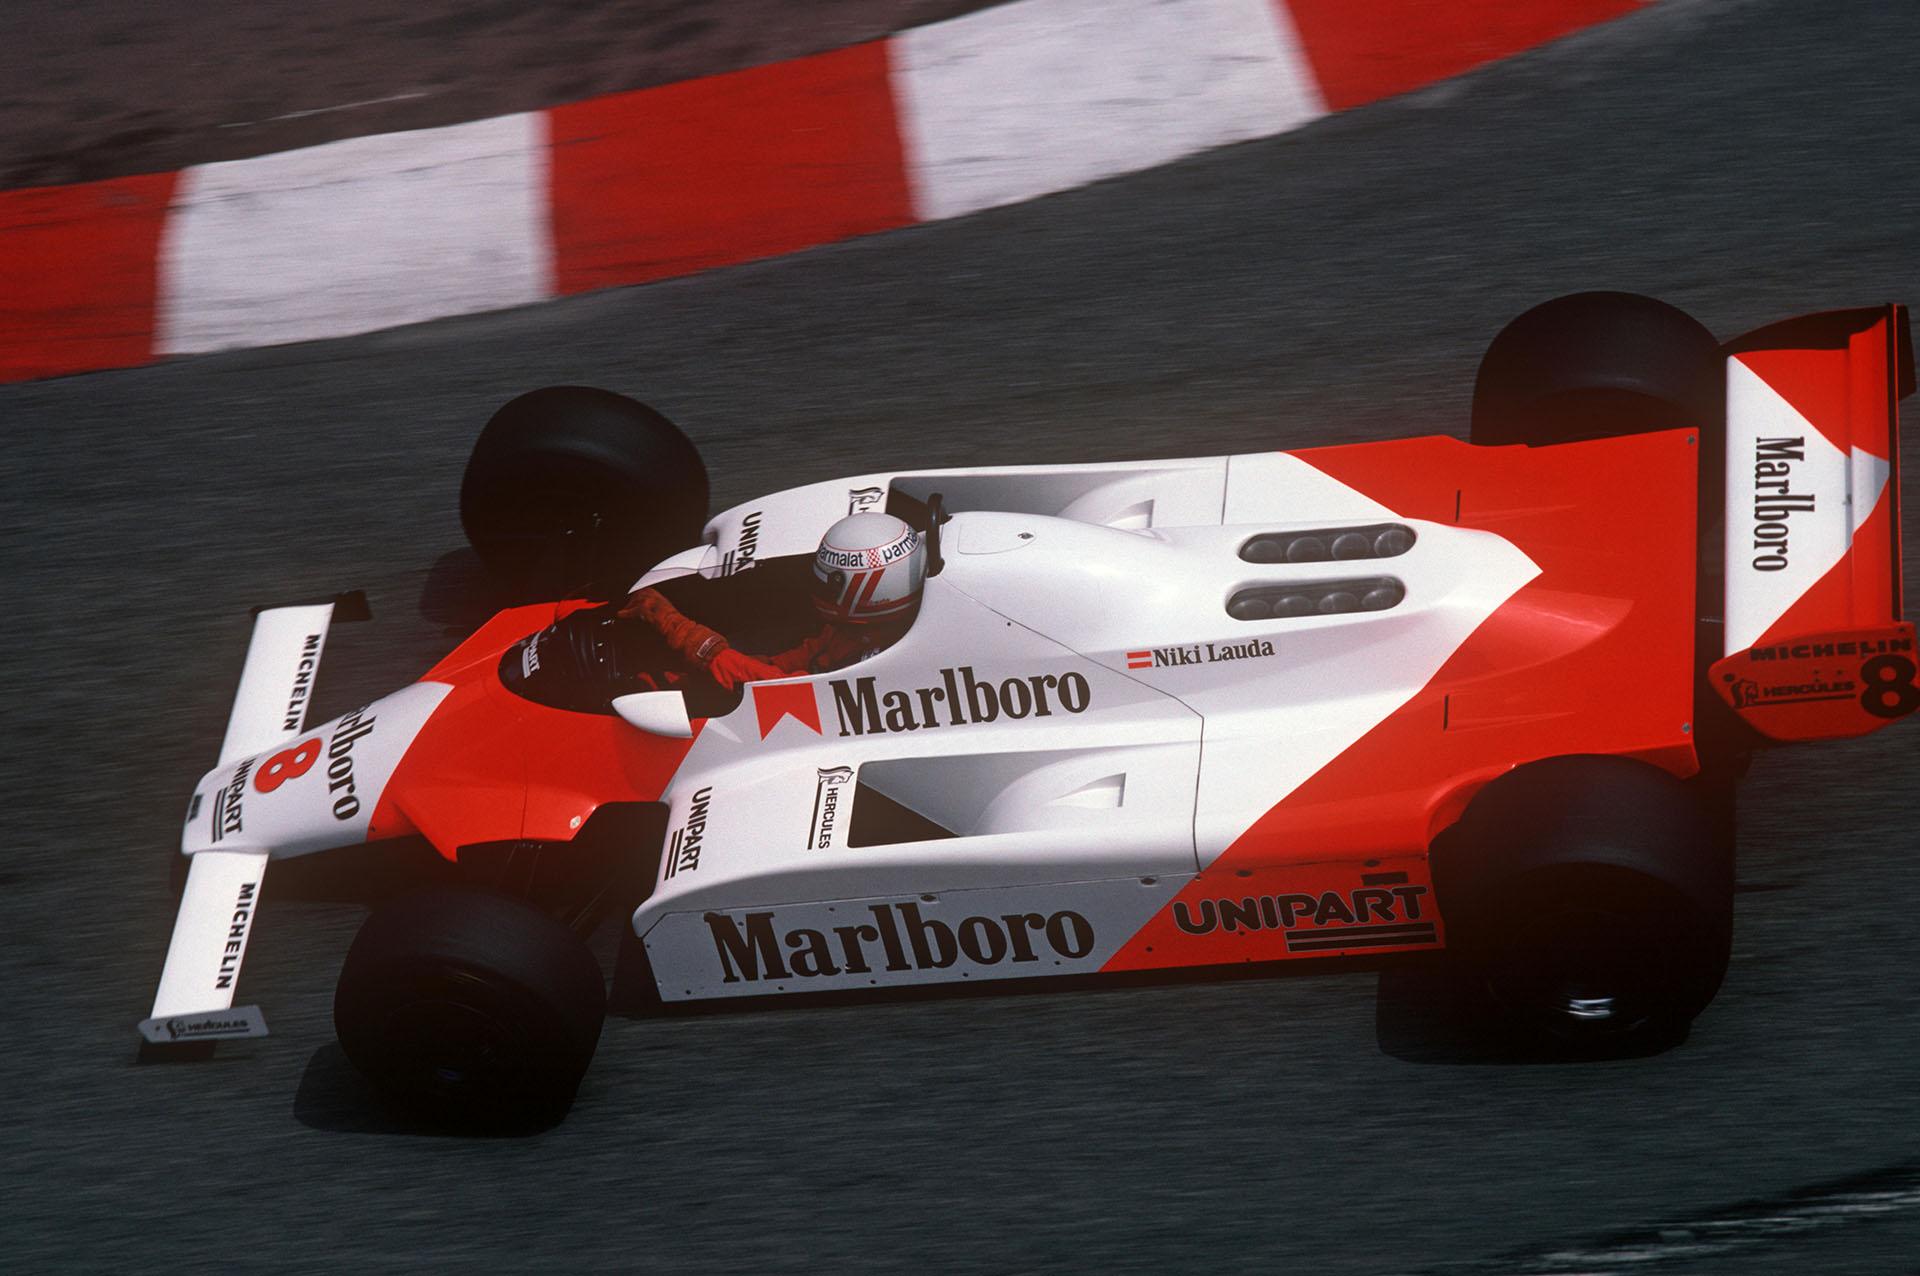 El ex piloto austríaco se impuso en 25 carreras y ganó tres títulos del mundo